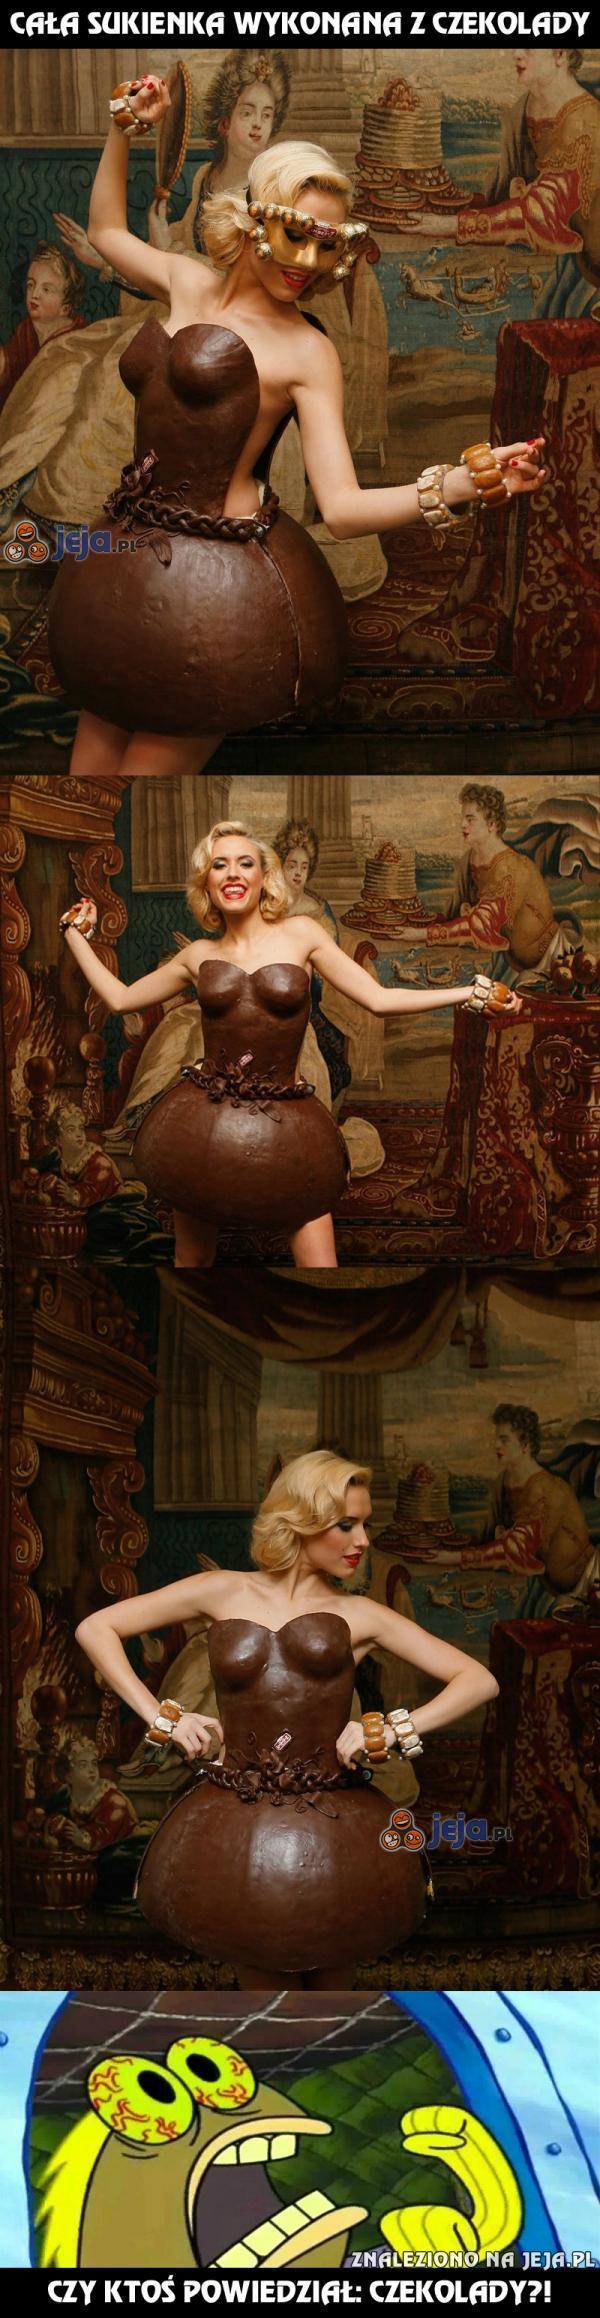 Cała sukienka wykonana z czekolady